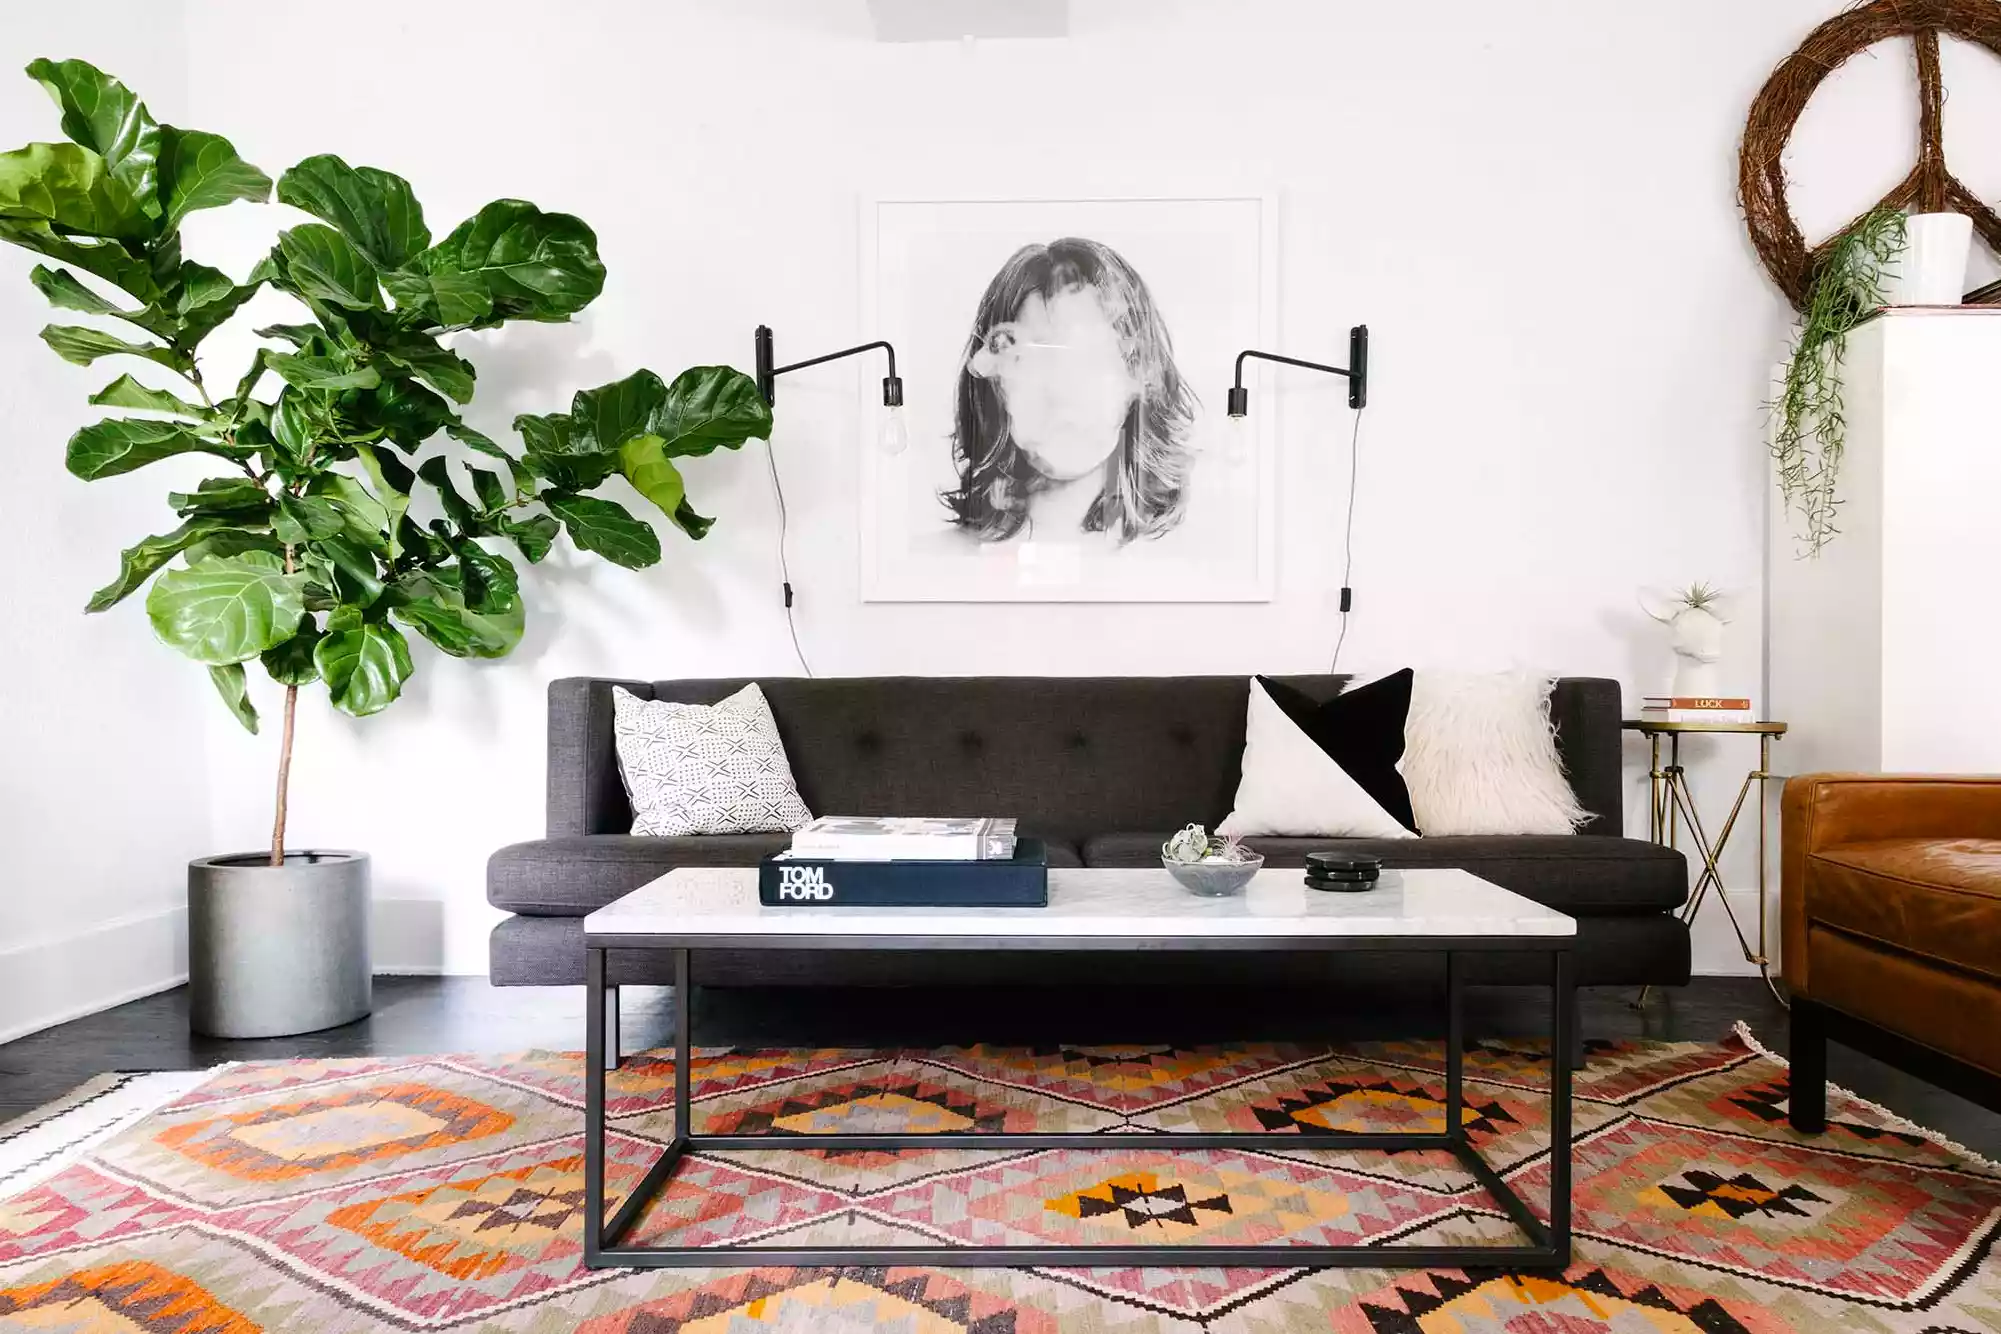 Đồ nội thất tối màu tạo thêm chiều sâu cho phòng khách nhỏ màu trắng